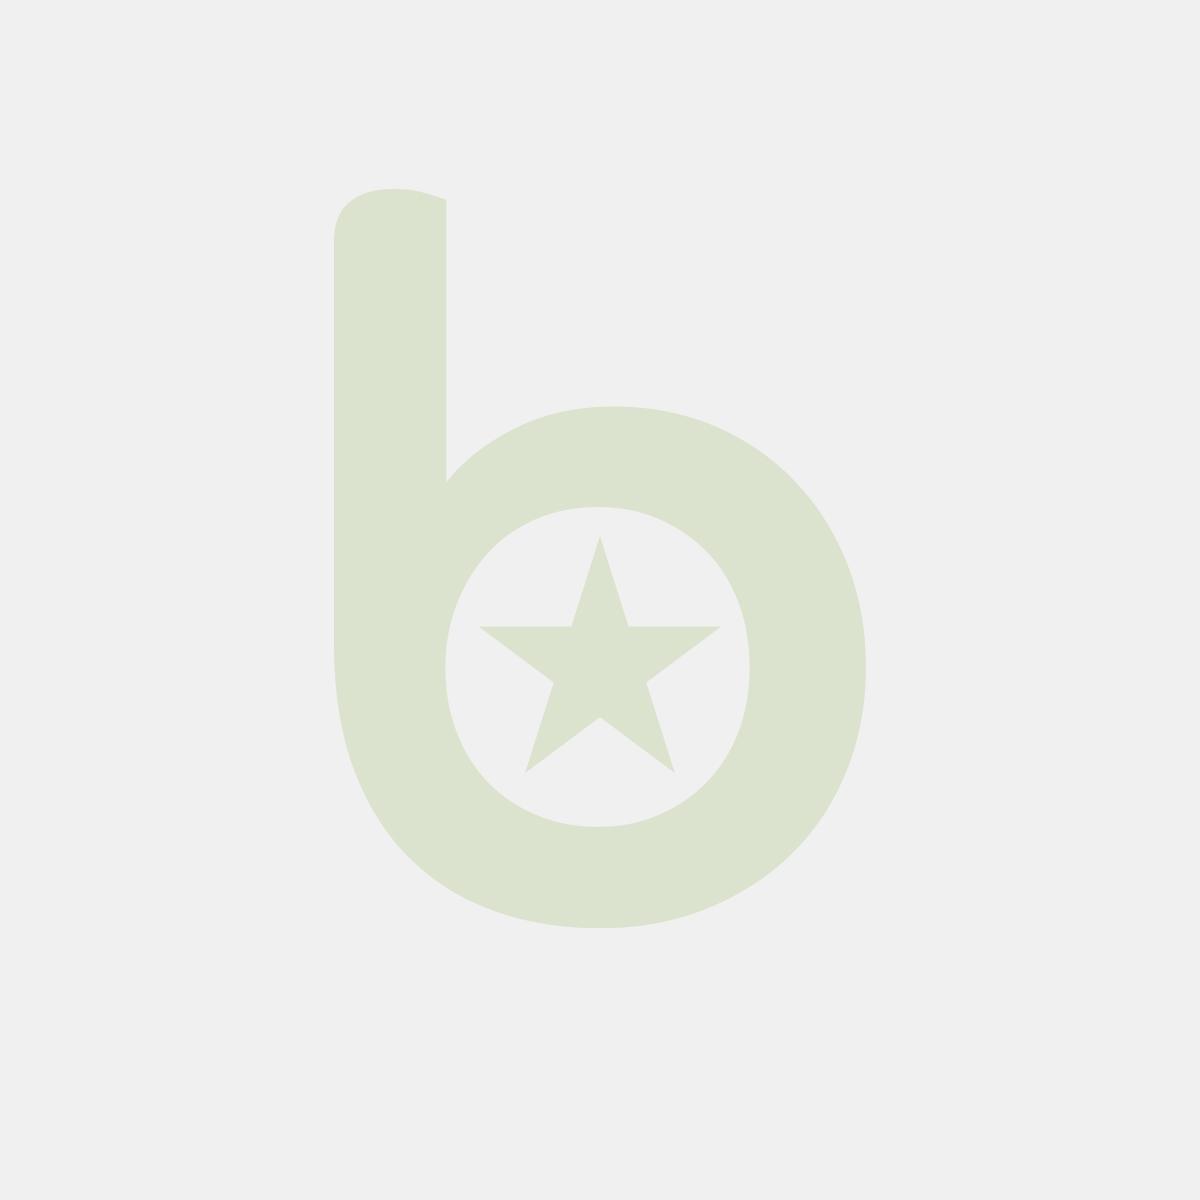 Świece stożkowe 25cm op.50szt szara średnica 2,2cm (2)